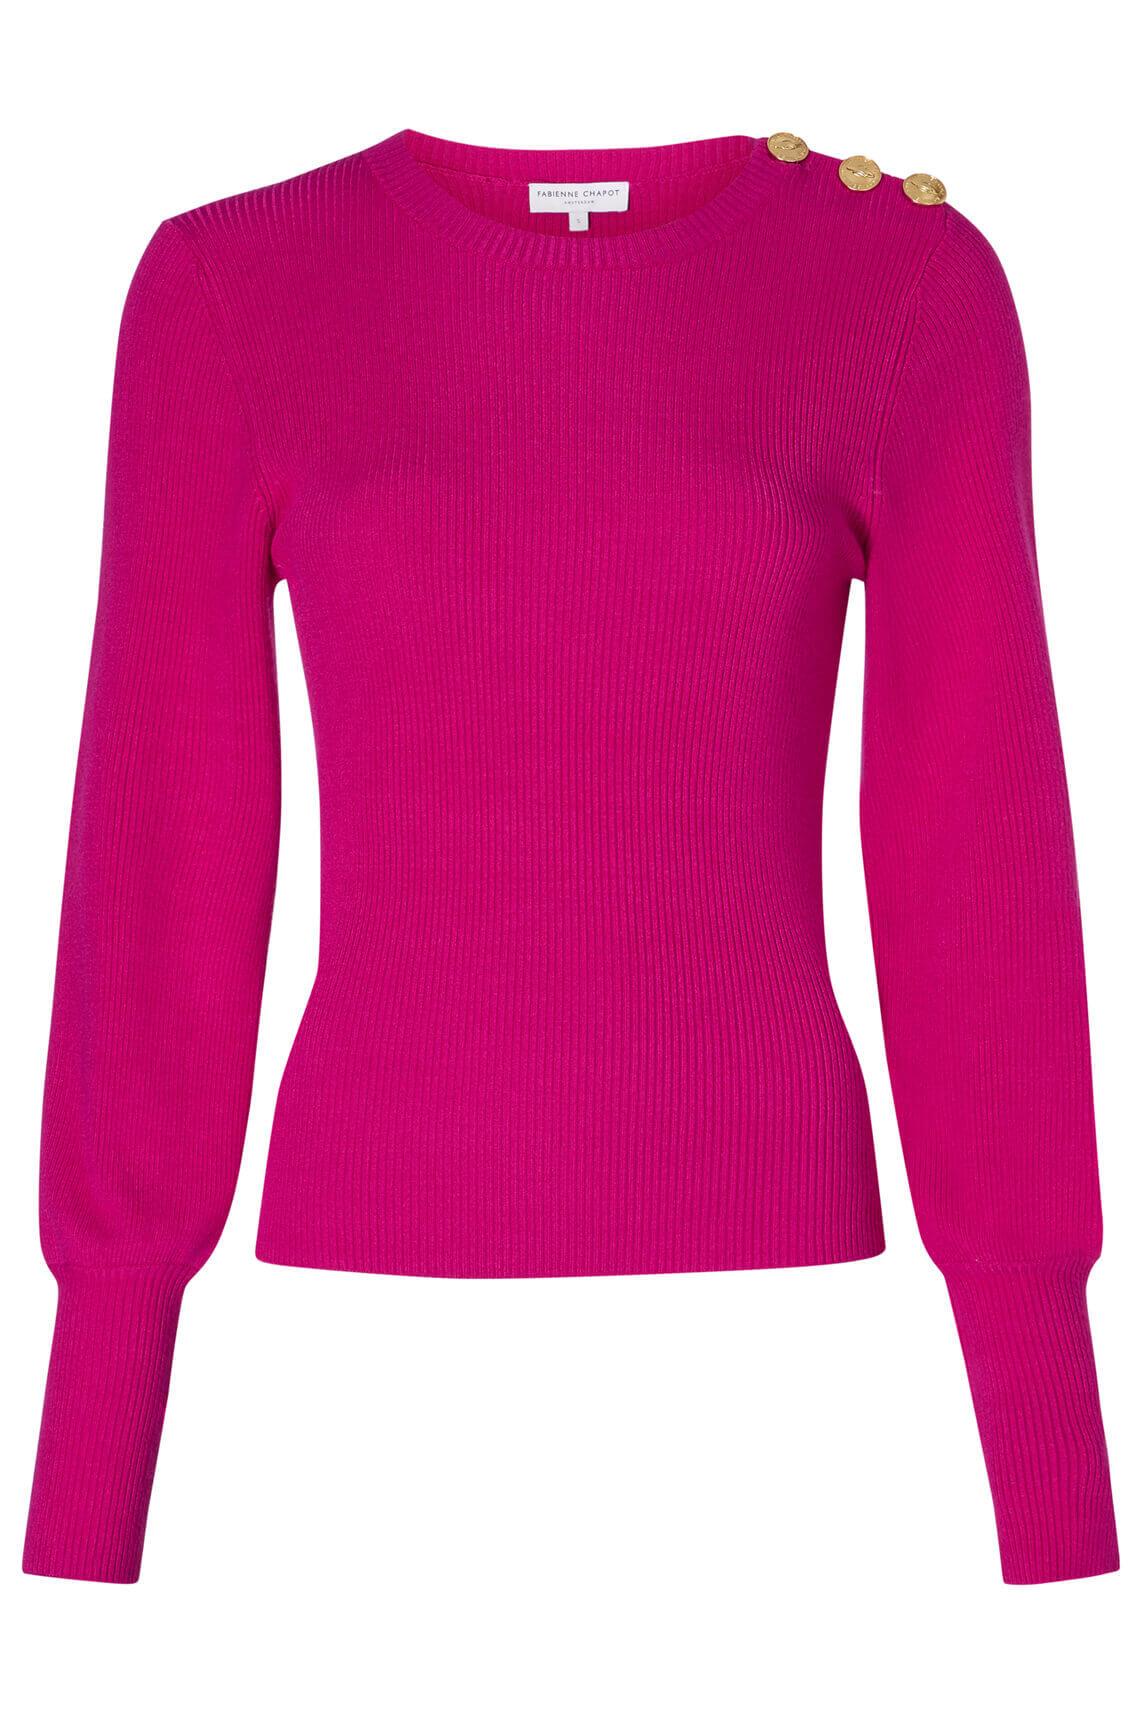 Fabienne Chapot Dames Lilian pullover roze